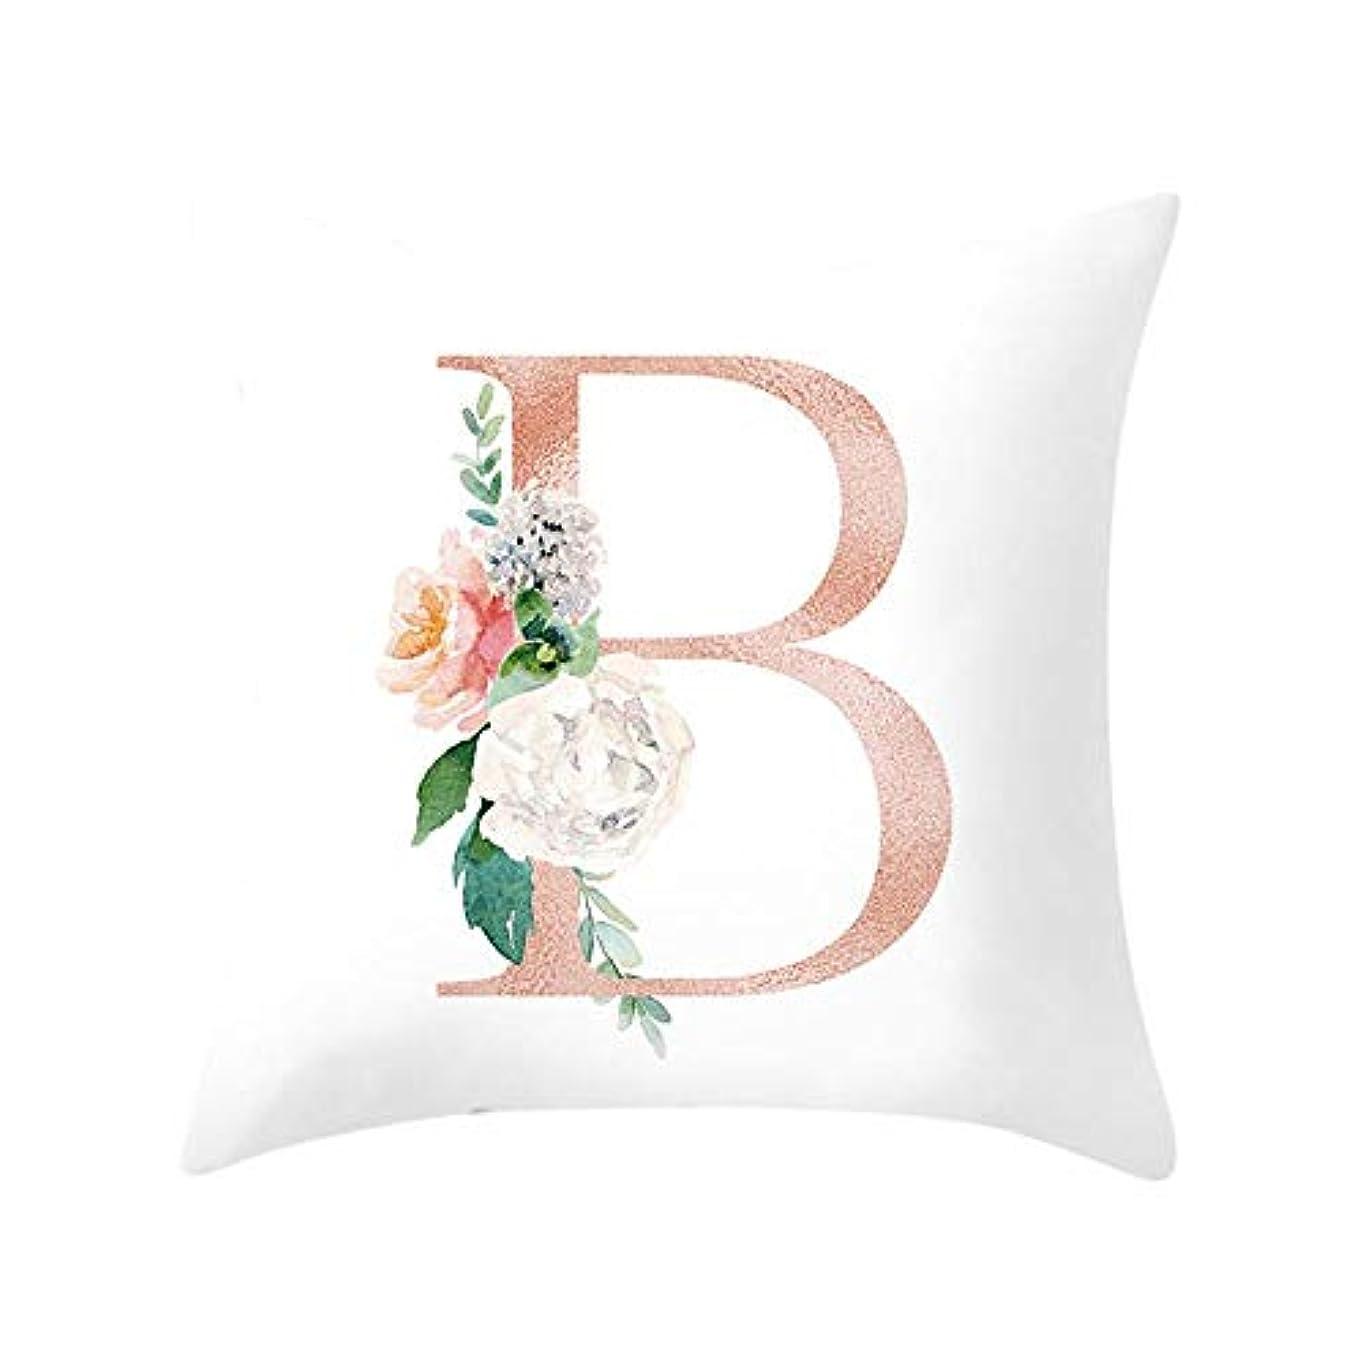 に対して実証する探すLIFE 装飾クッションソファ手紙枕アルファベットクッション印刷ソファ家の装飾の花枕 coussin decoratif クッション 椅子